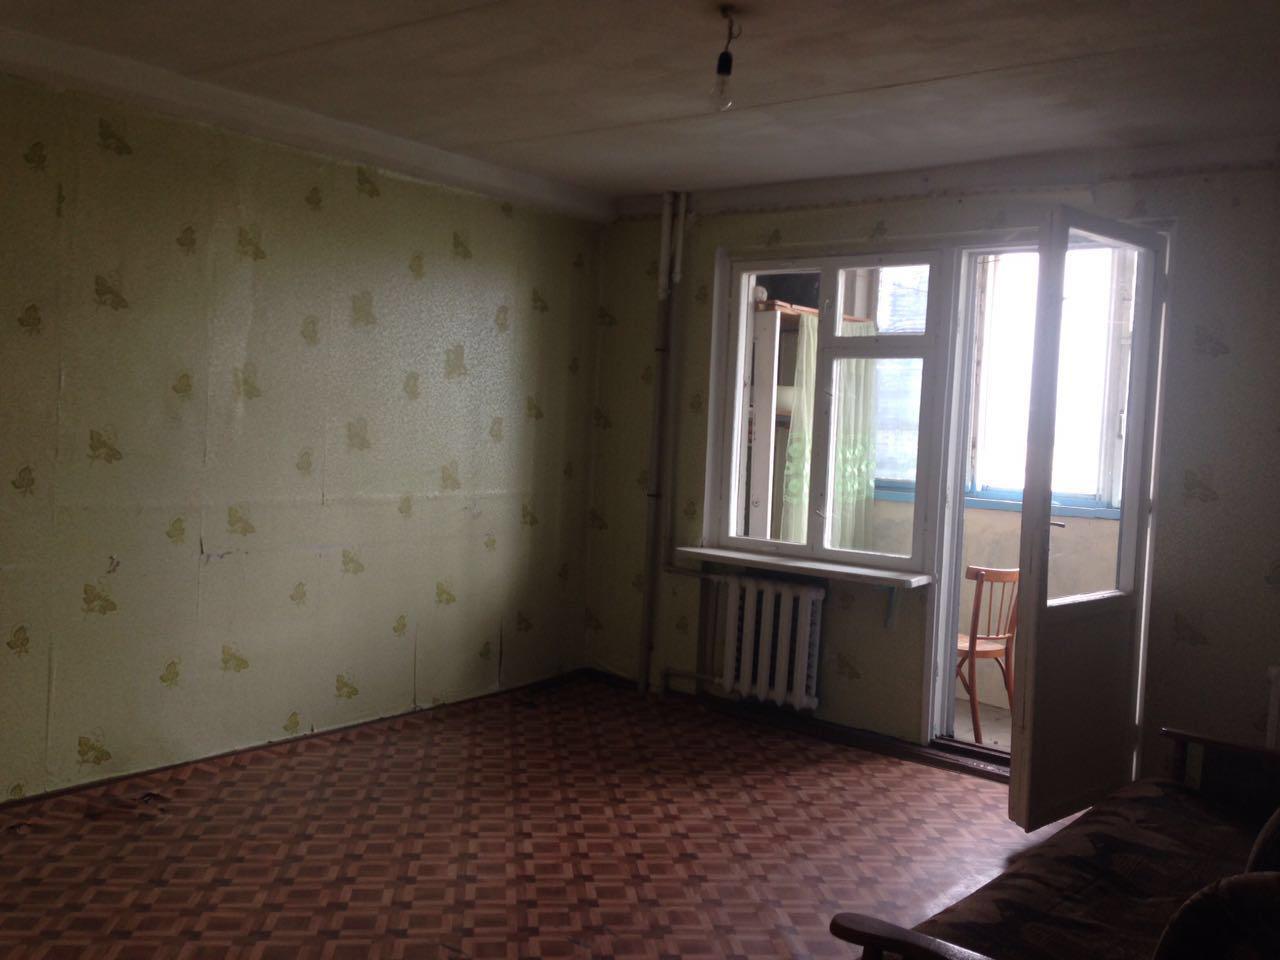 Продаётся квартира в Ессентуках, 4 Микрорайон , ул. Октябрьская 432.